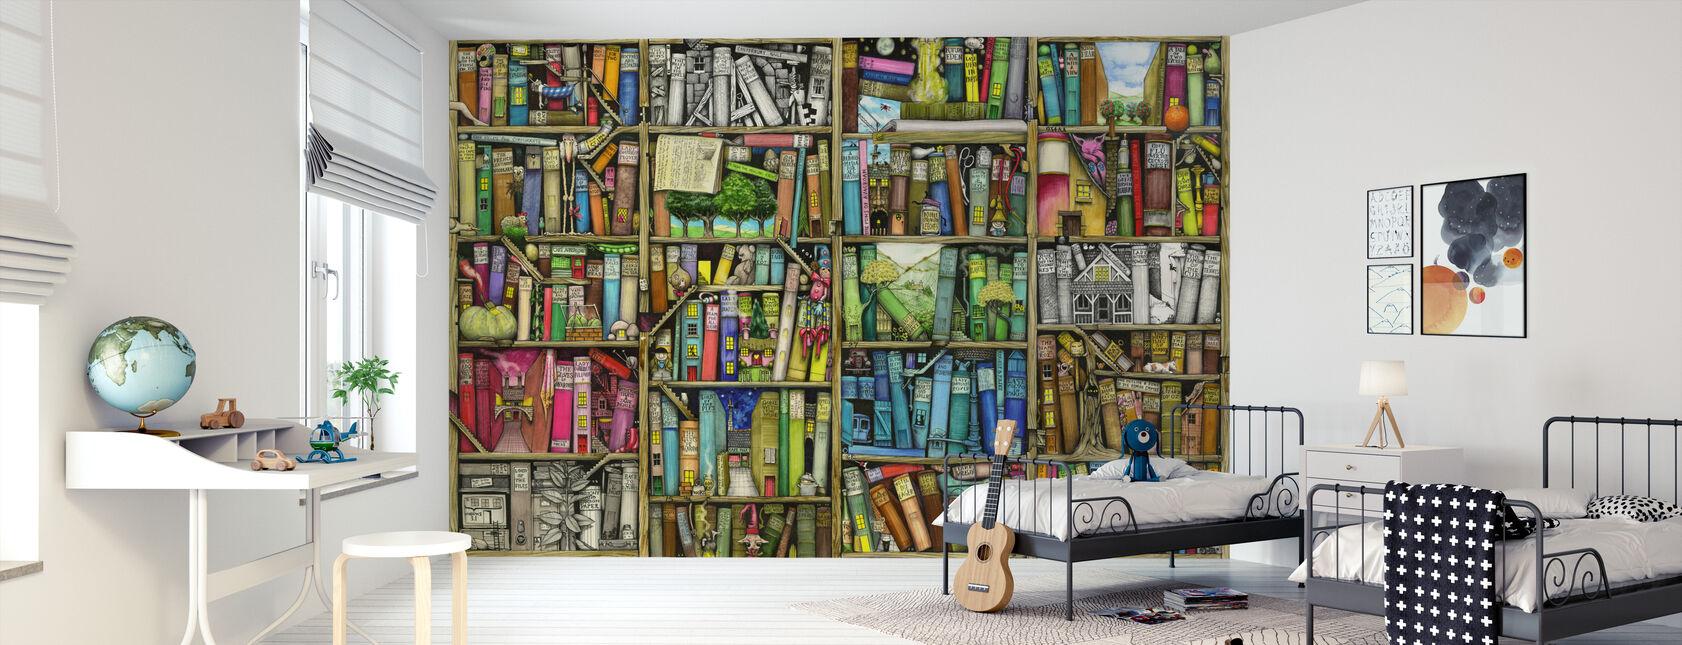 Bibliothèque Fantasy - Papier peint - Chambre des enfants